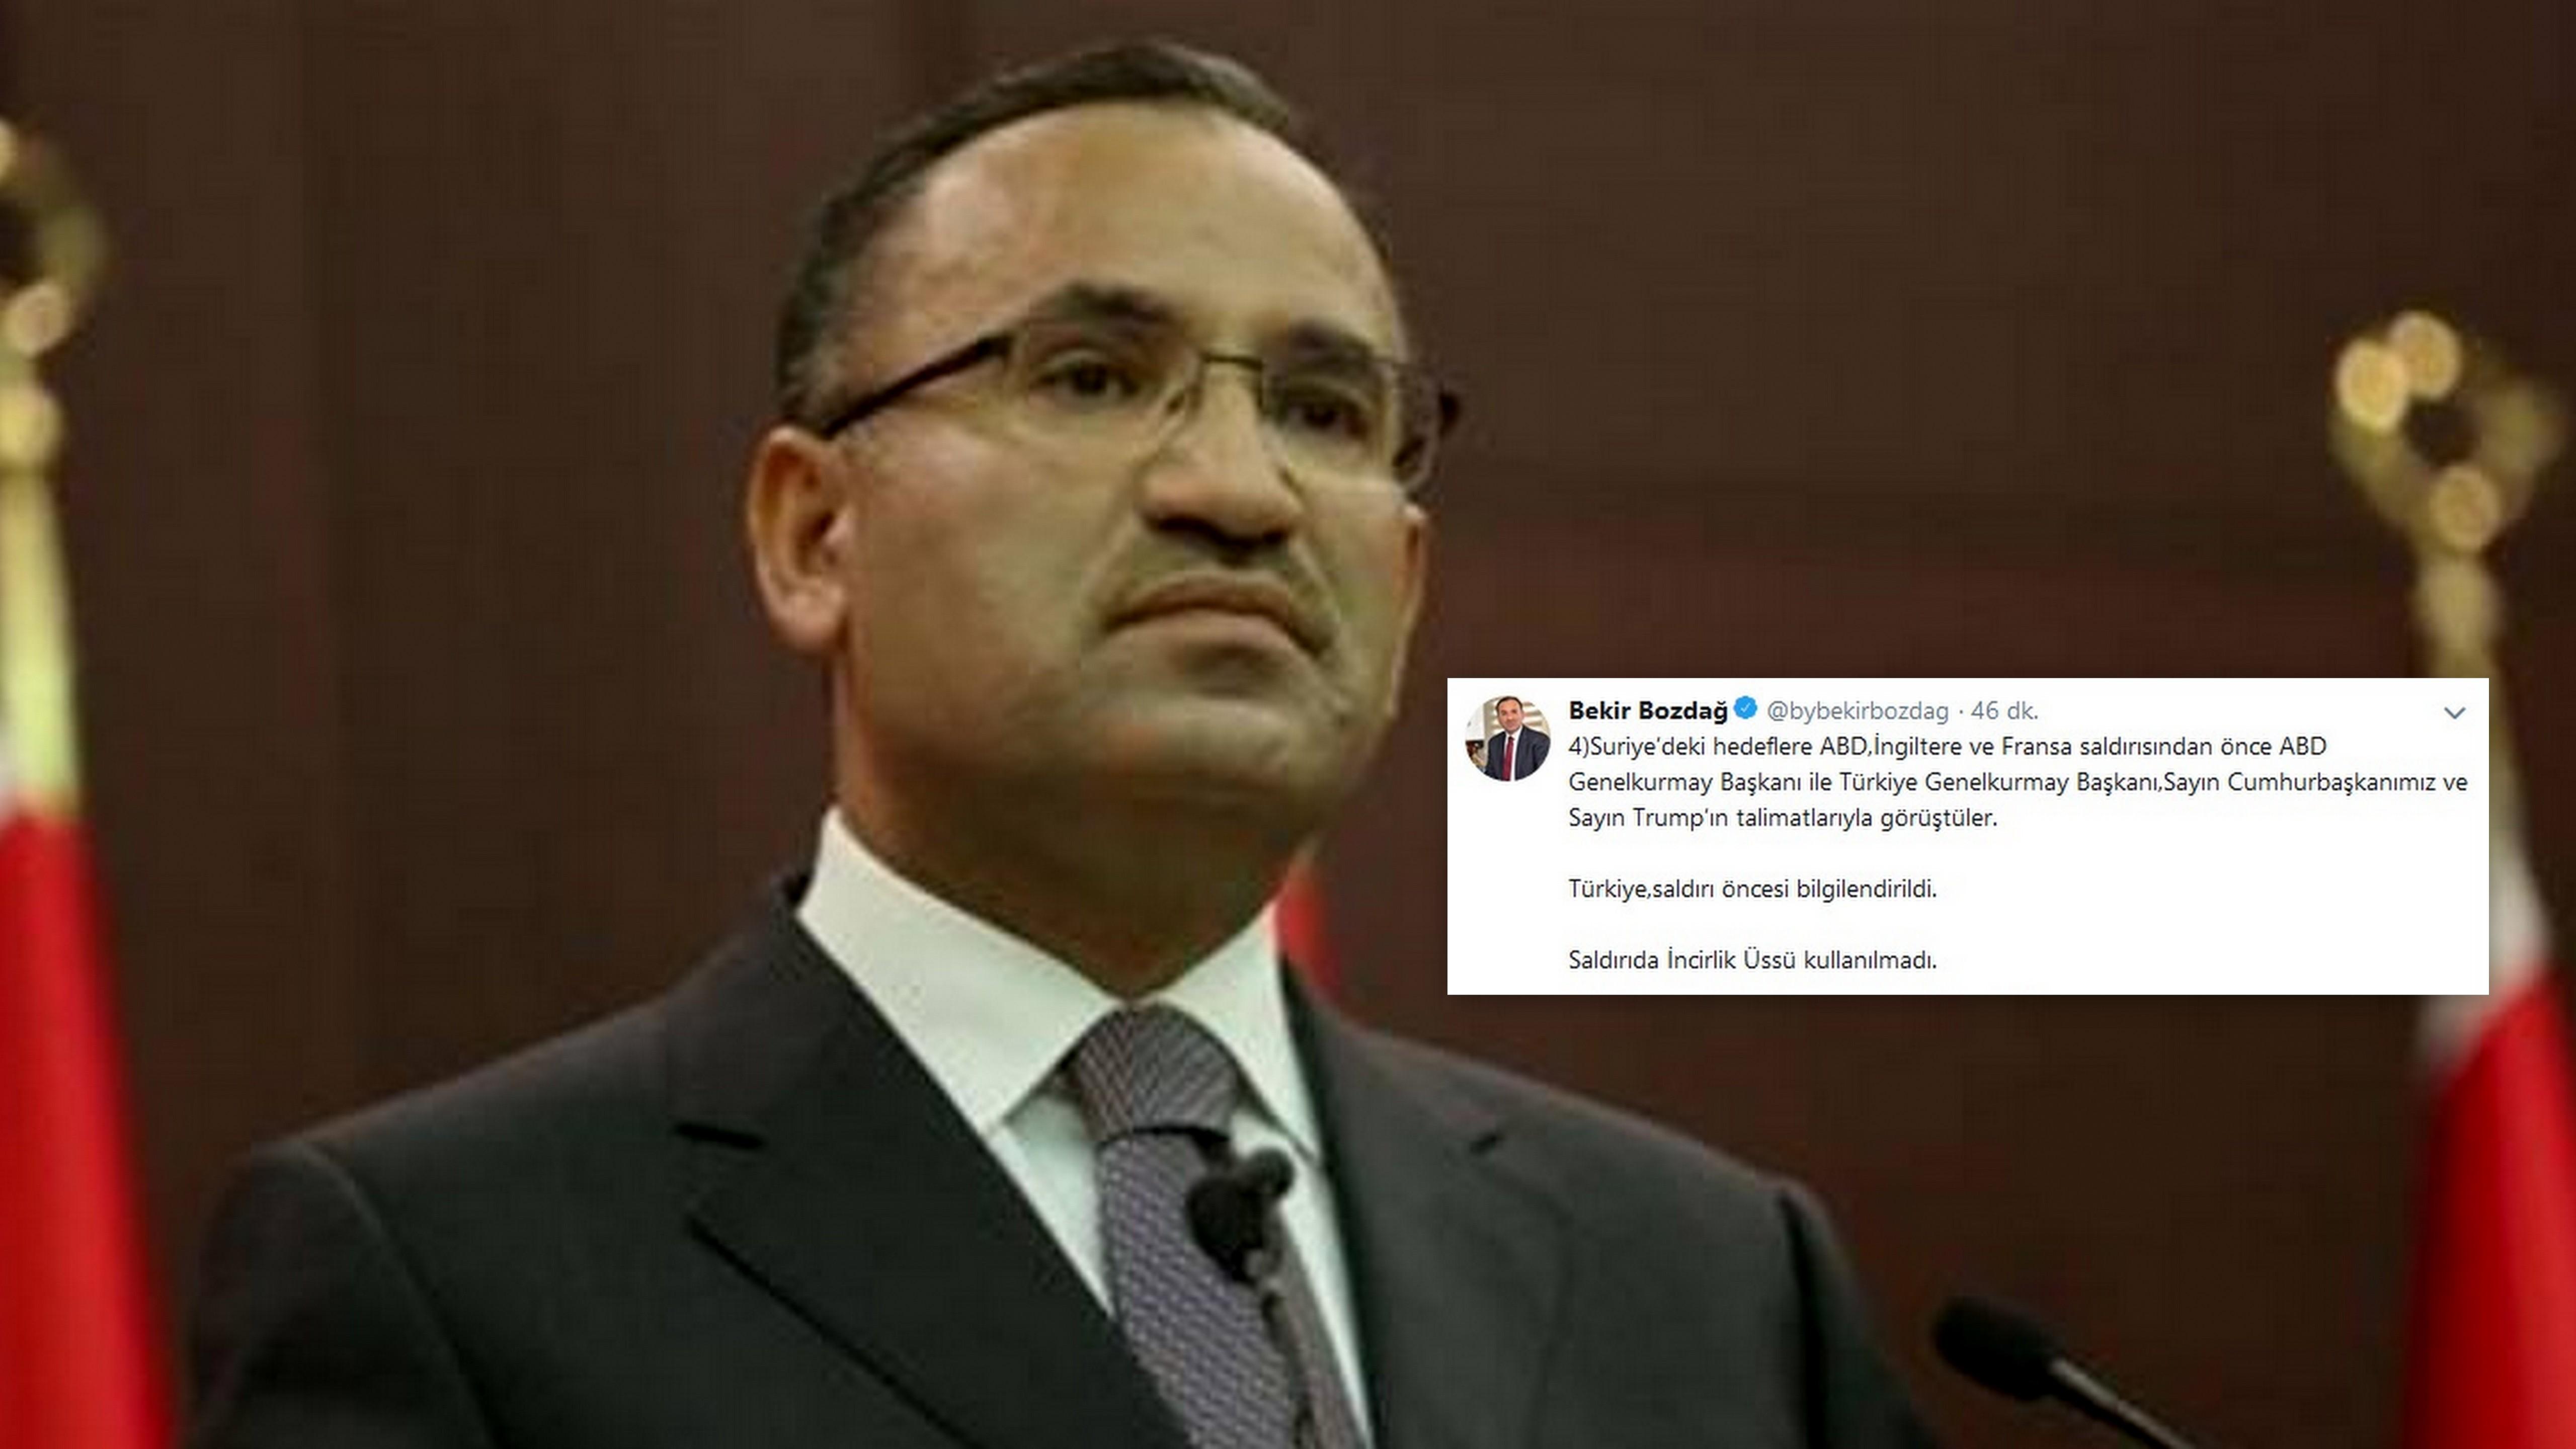 Bozdağ;'Türkiye, saldırı öncesi bilgilendirildi'